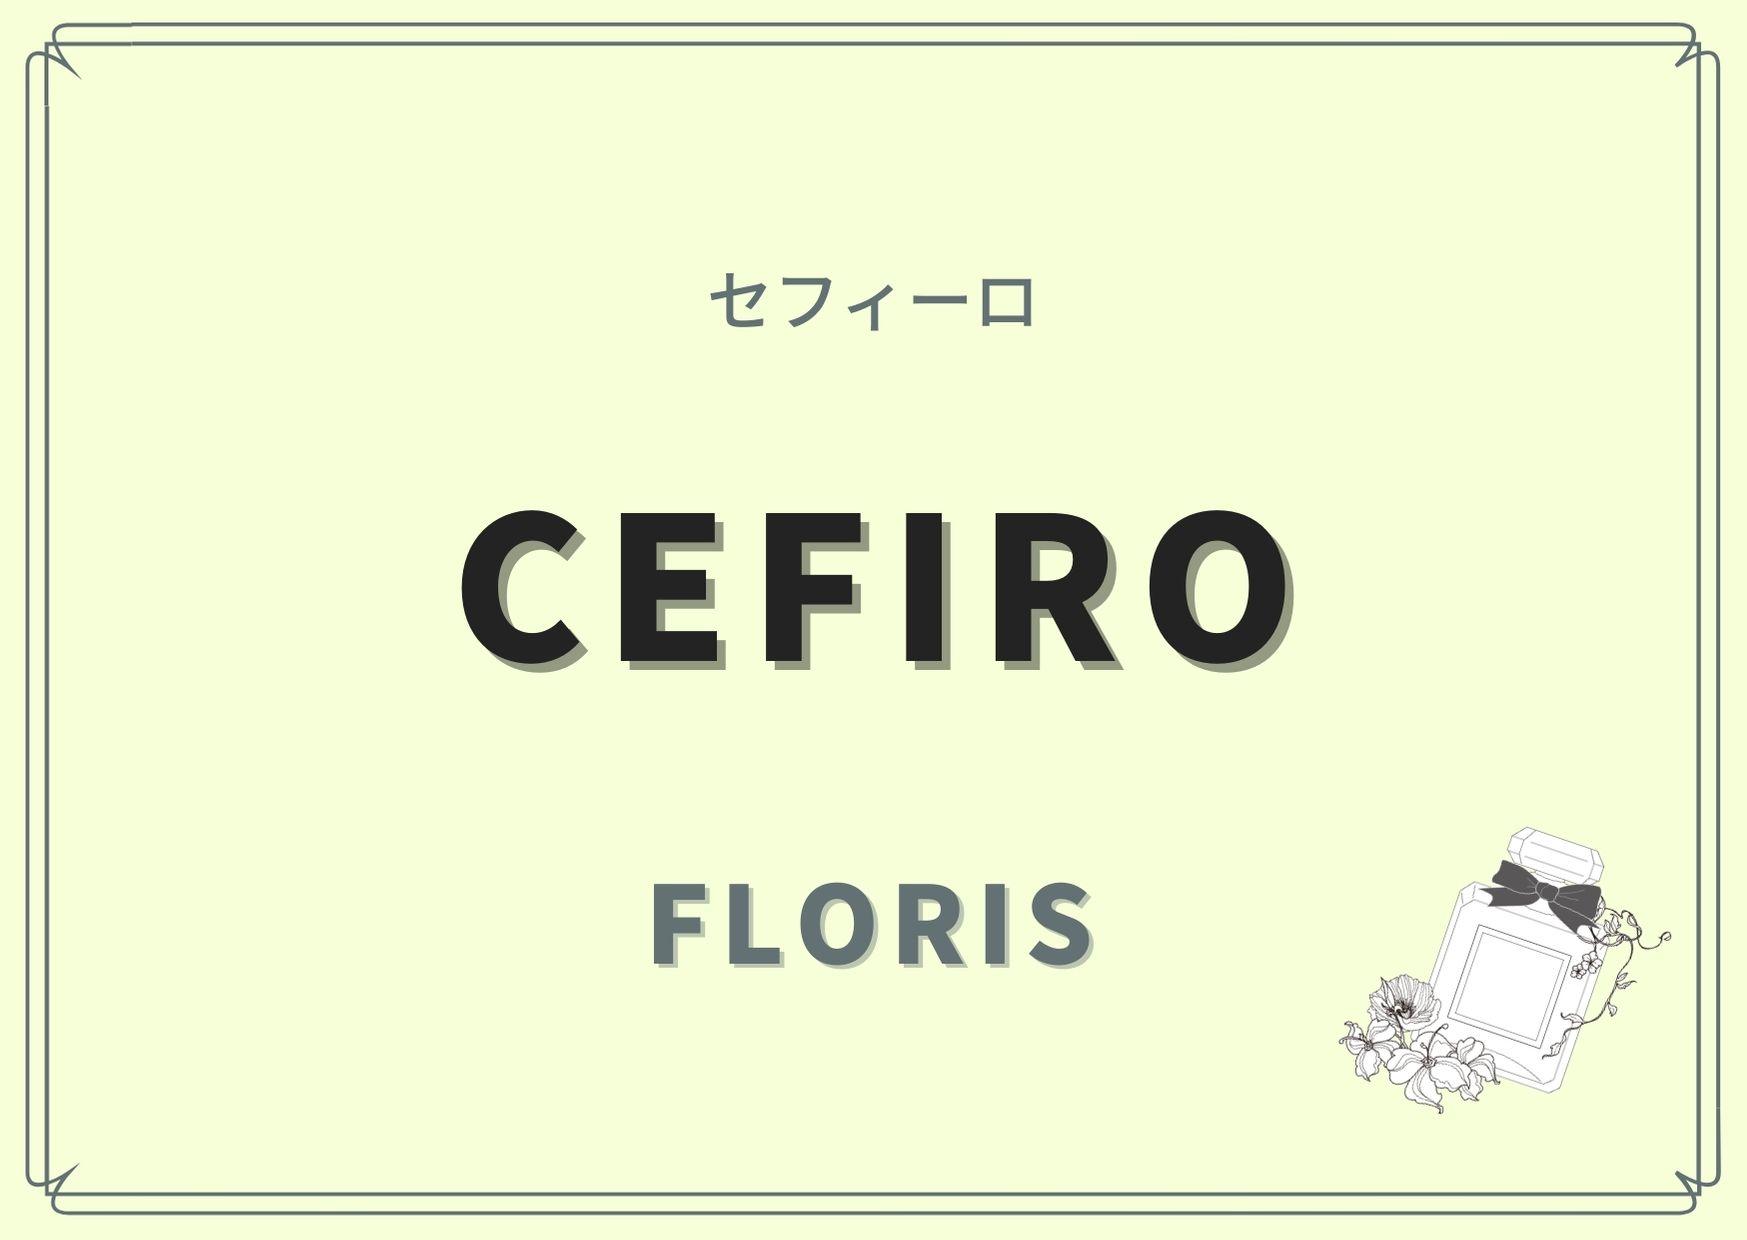 CEFIRO(セフィーロ)/ FLORIS(フローリス)